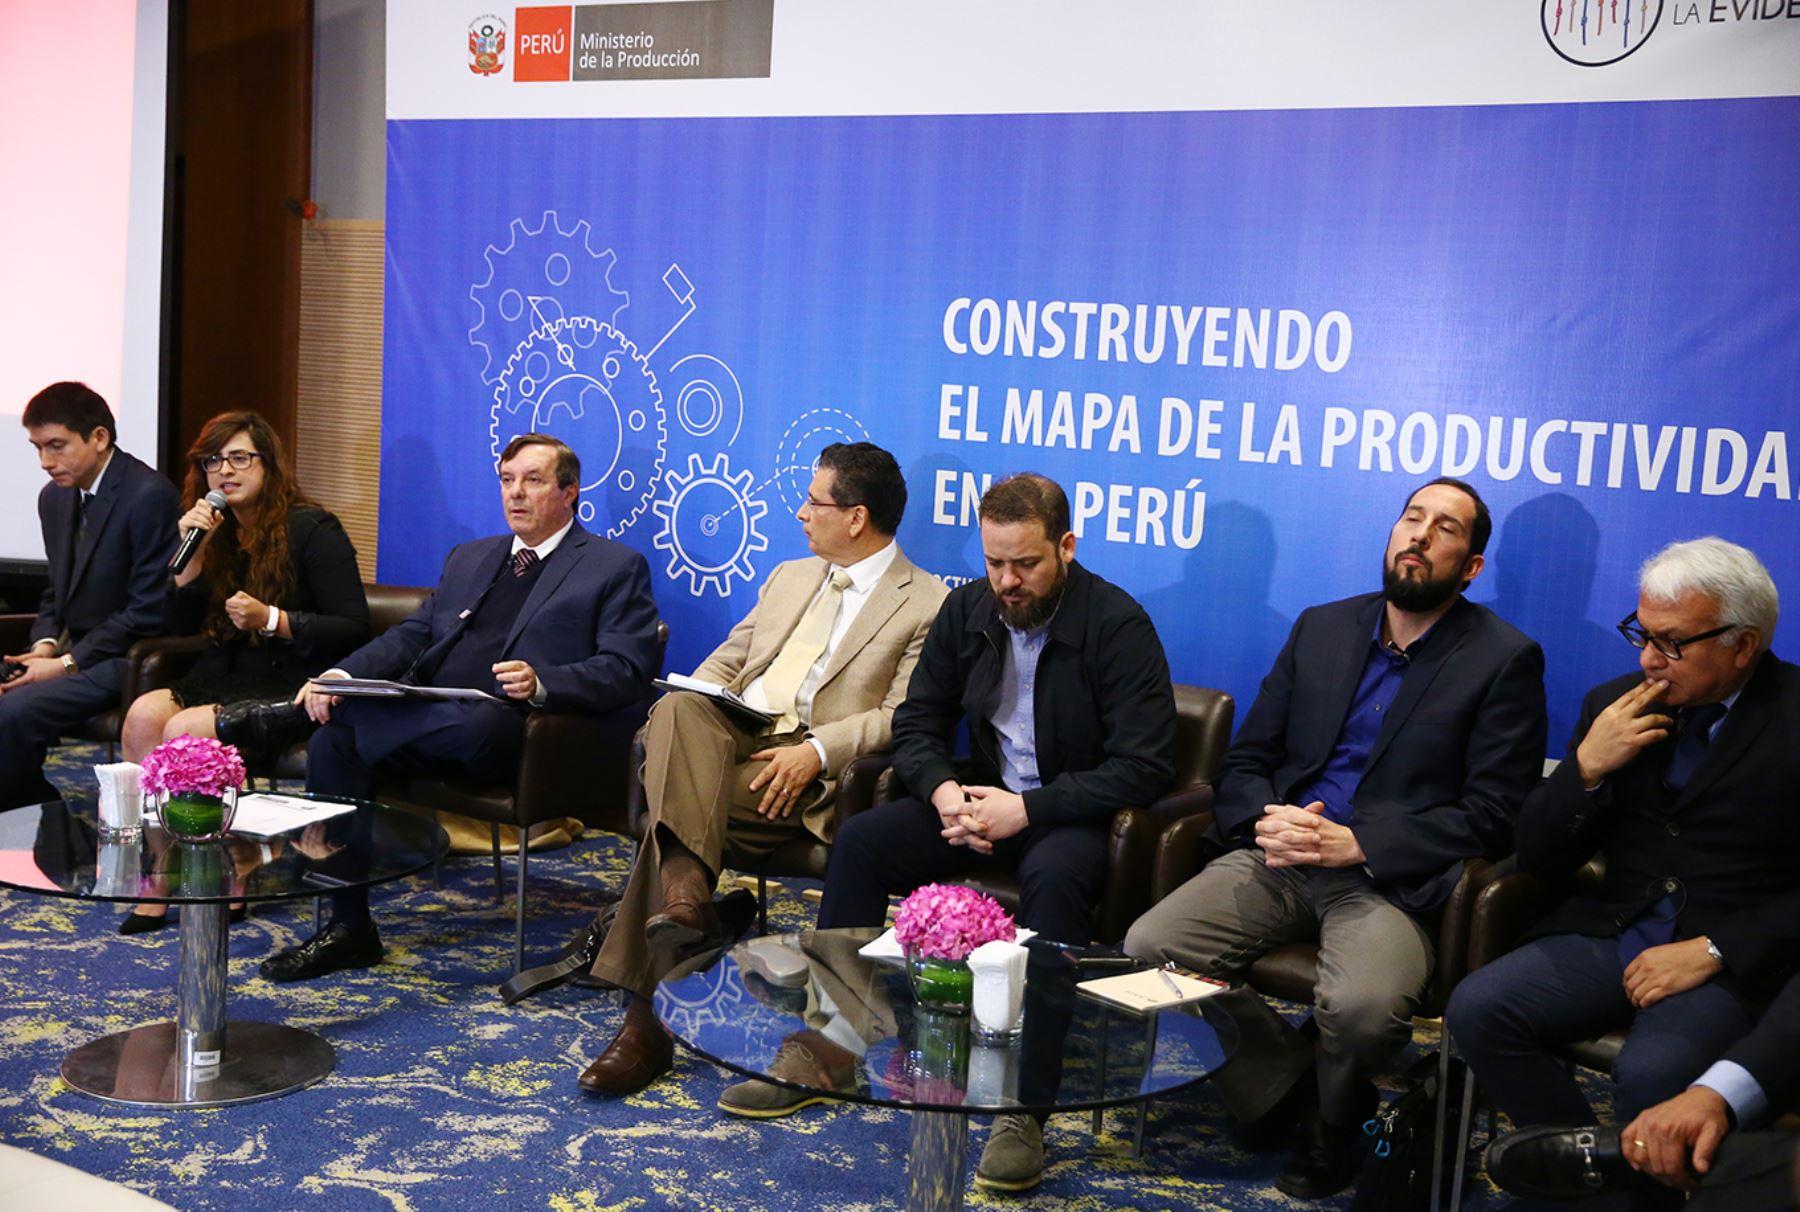 Conversatorio sobre la Productividad, organizado por el Ministerio de la Producción. ANDINA/Melina Mejía.